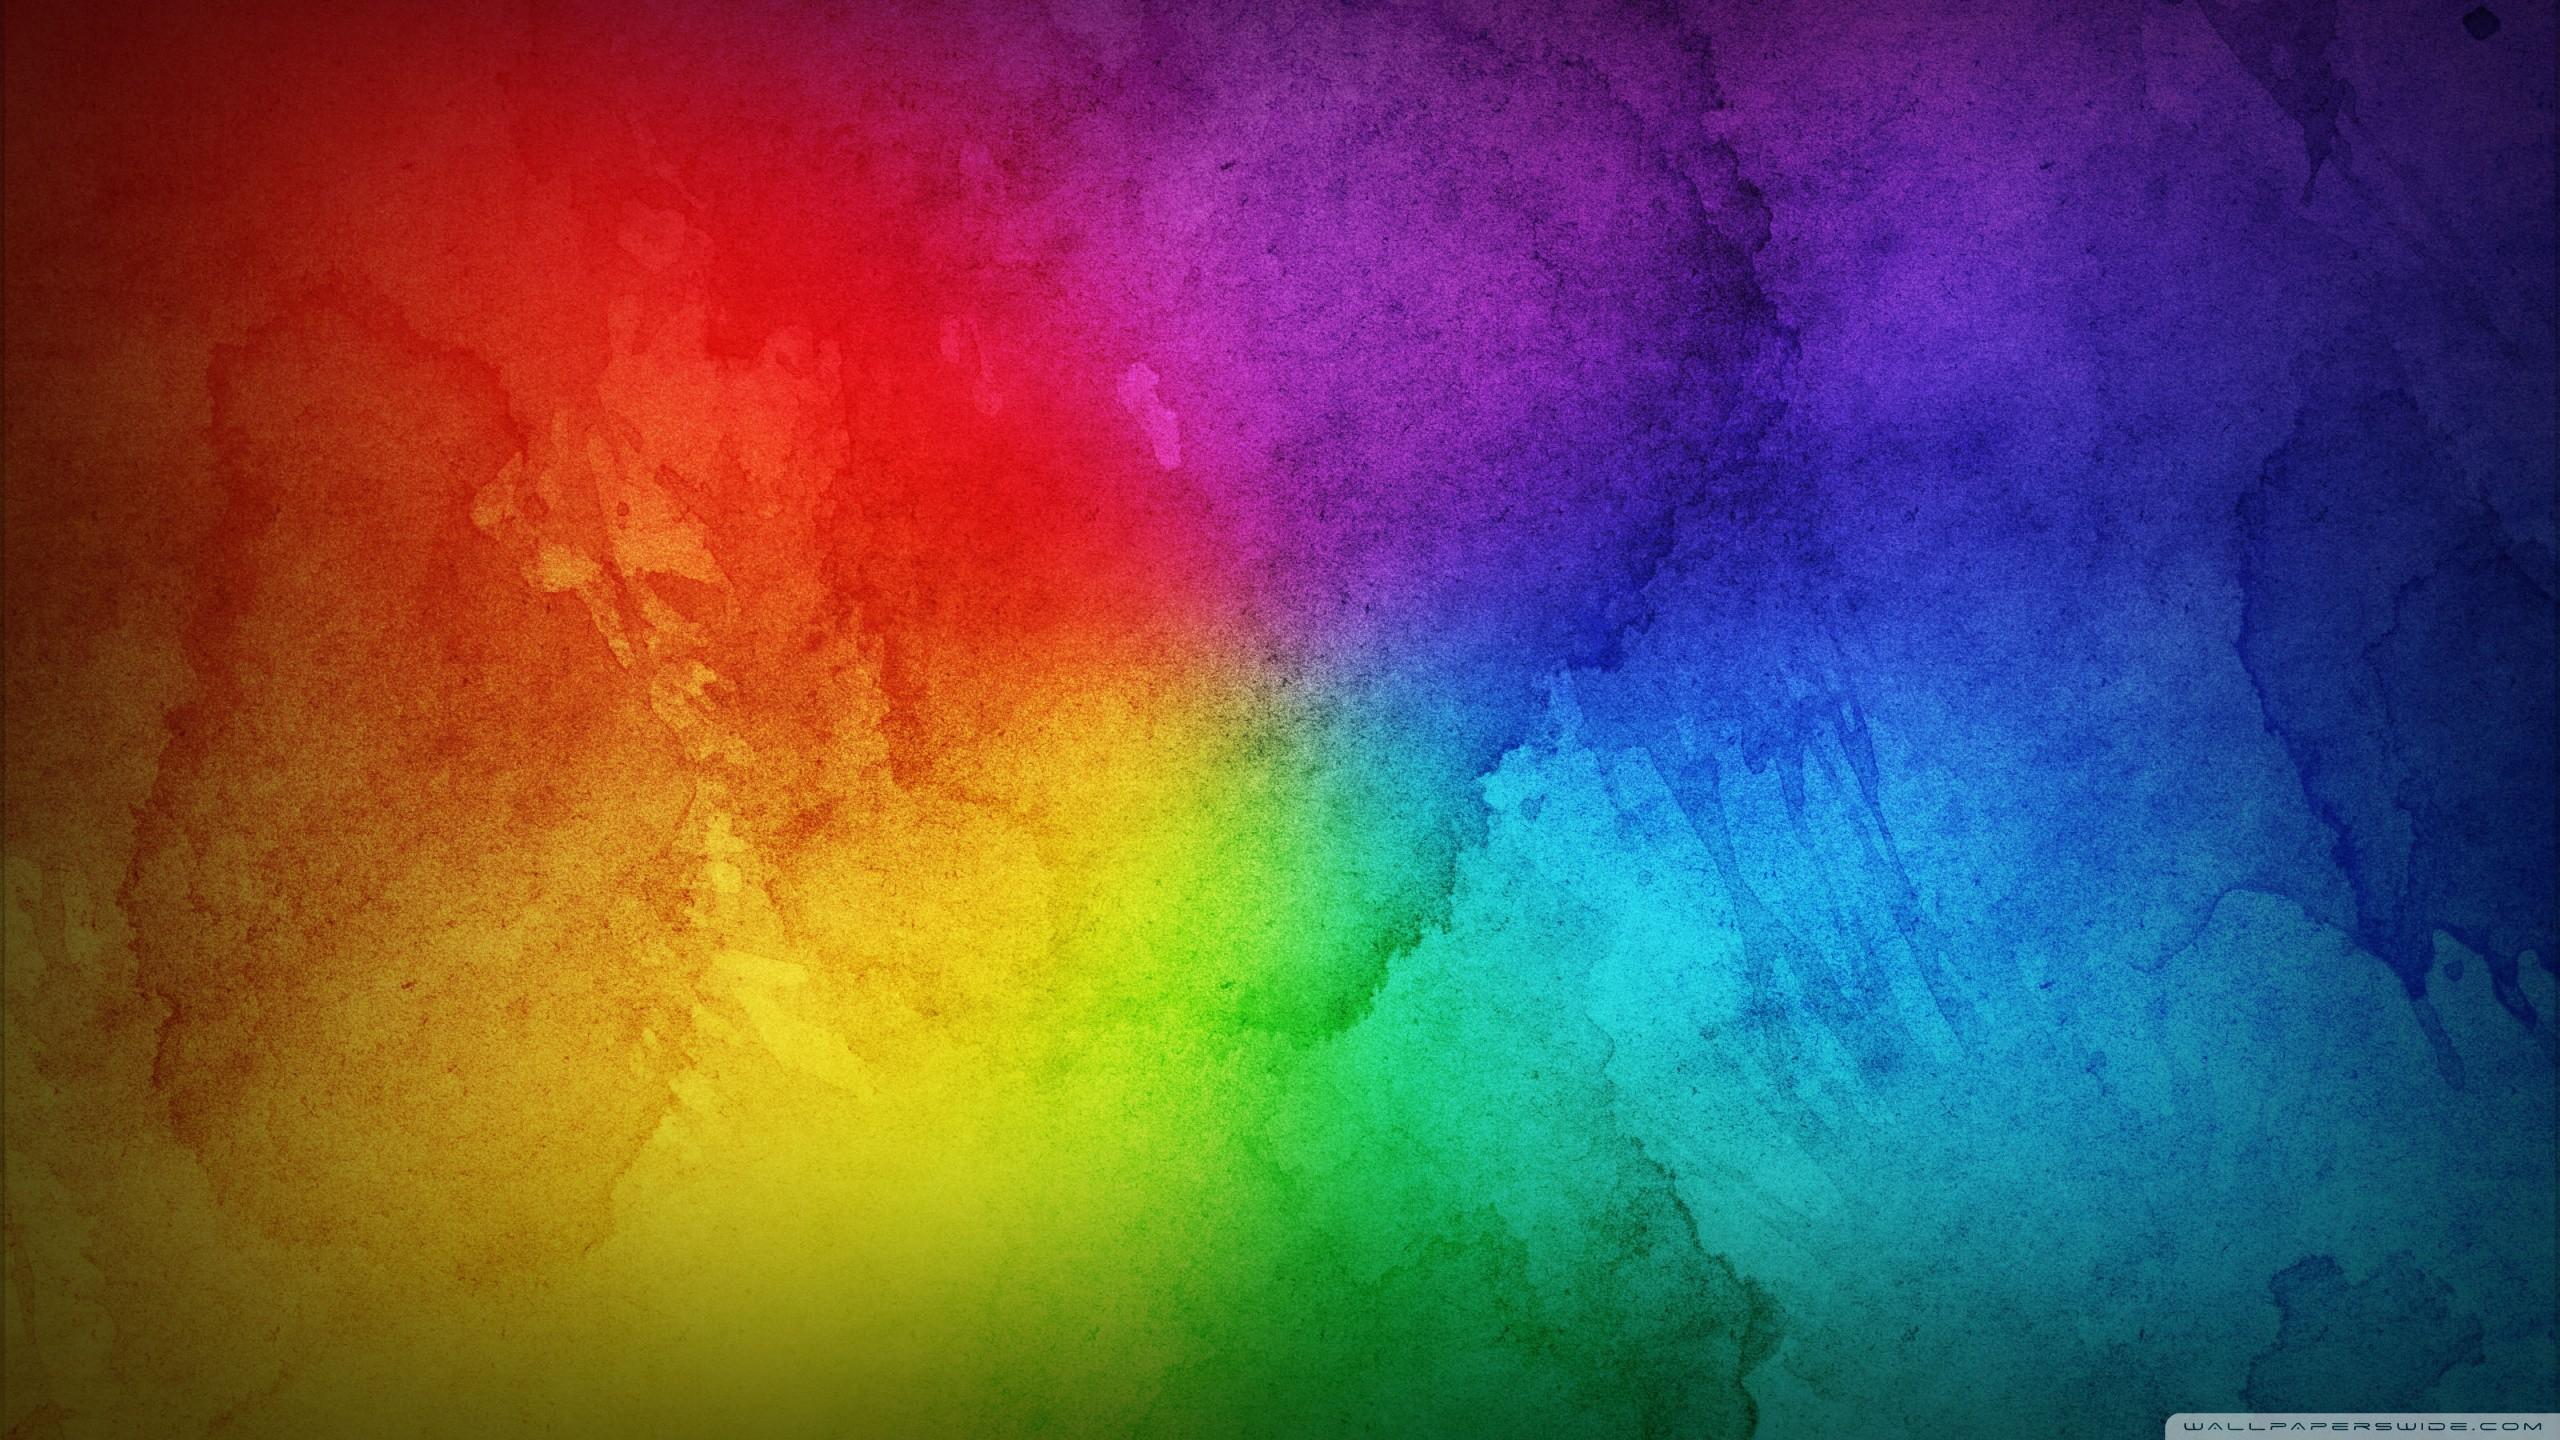 rainbow wallpaper pack 1080p hd   sharovarka   Pinterest   Rainbow wallpaper,  Wallpaper and Widescreen wallpaper